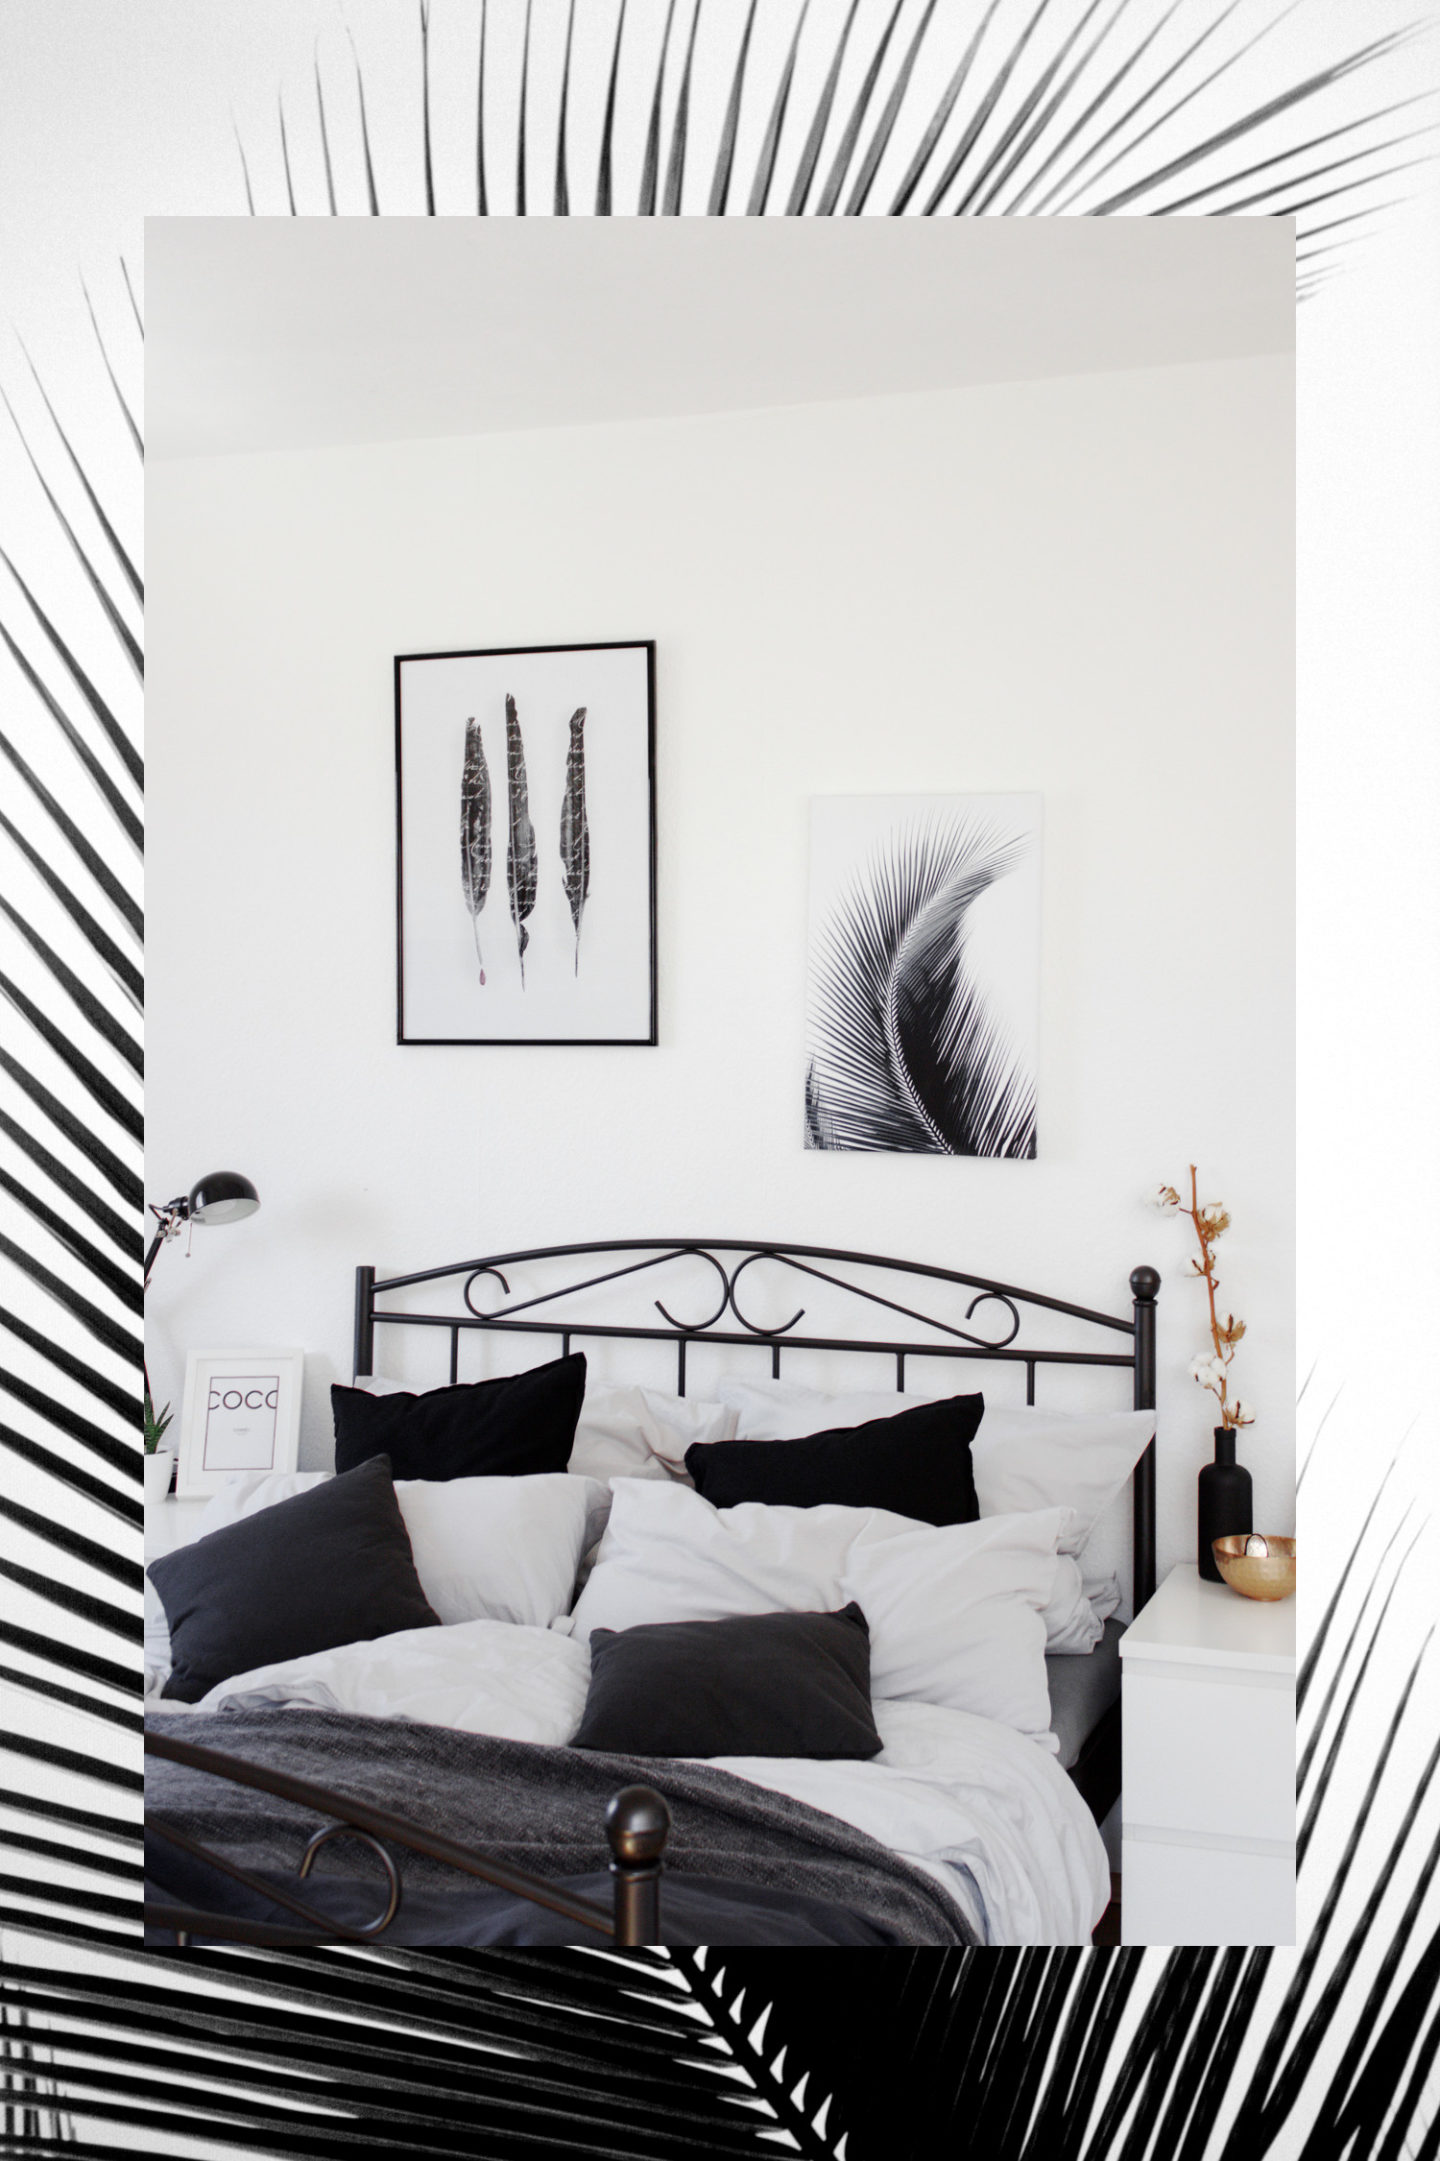 Bezauberndenanawandbilderschlafzimmerminimalistischinterior - Wandbilder für schlafzimmer